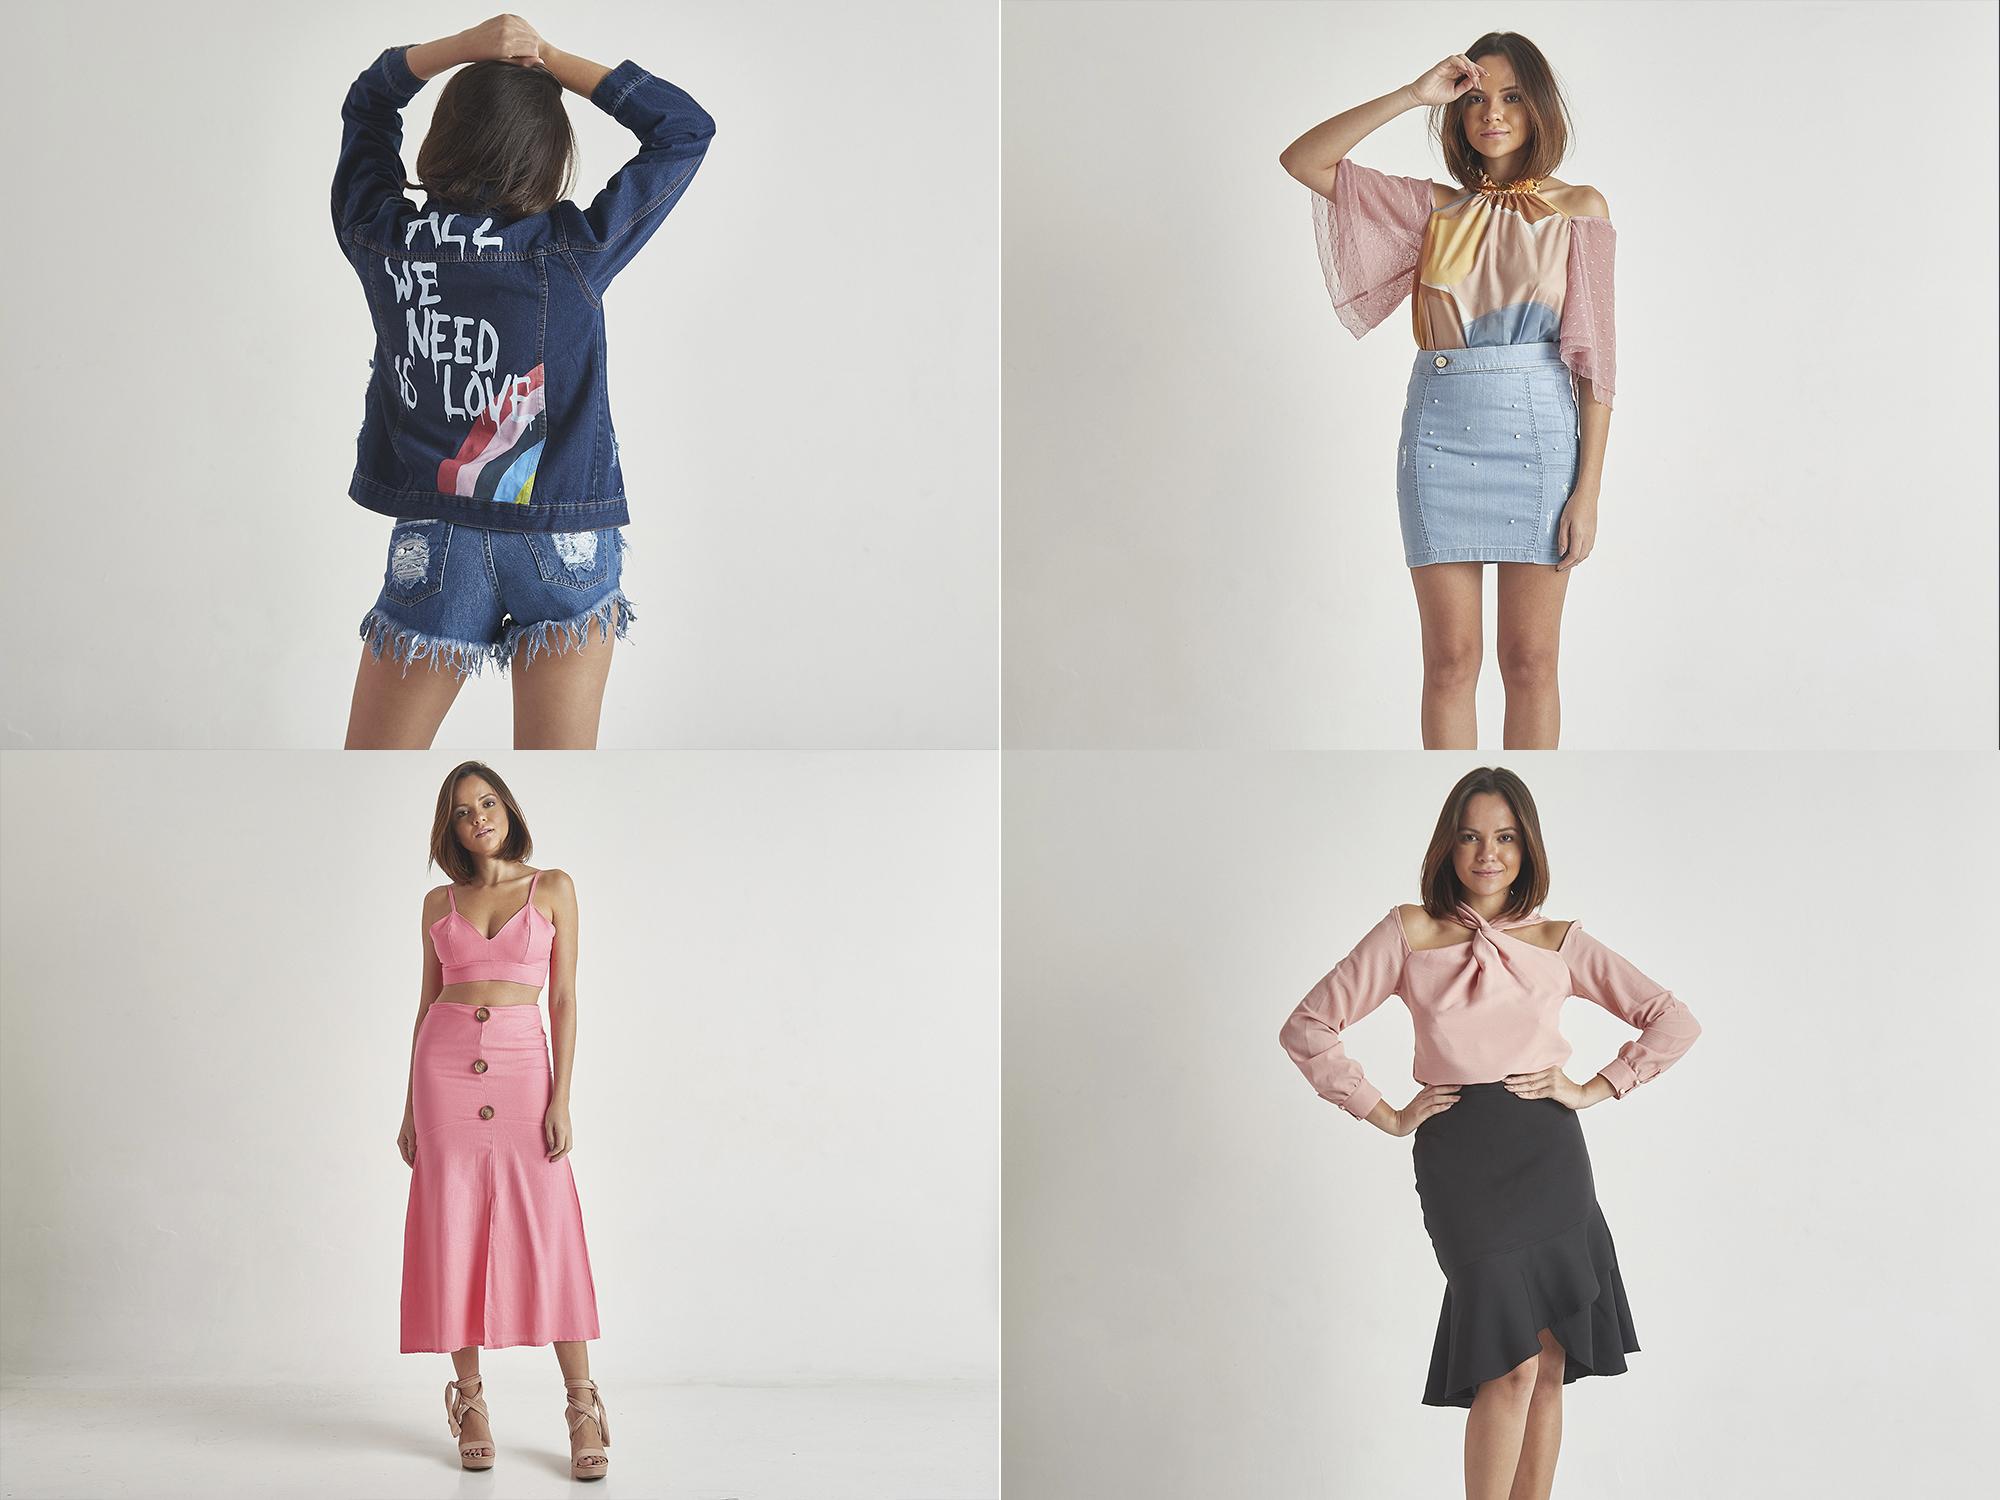 moda feminia blb